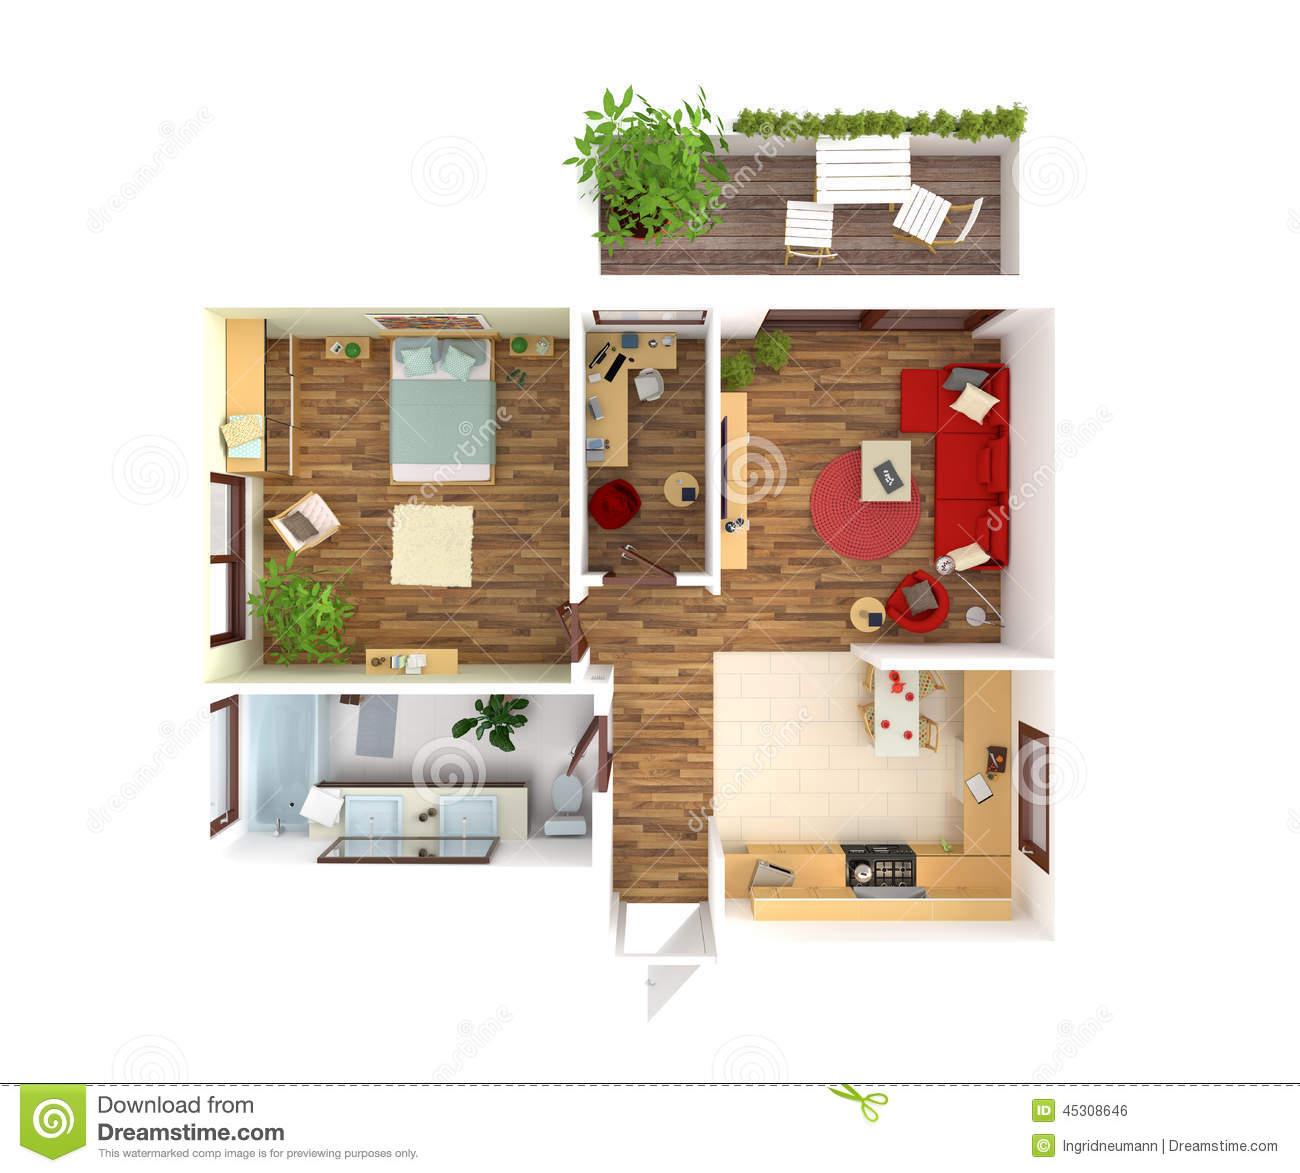 Nurse's Cottage floorplan 4